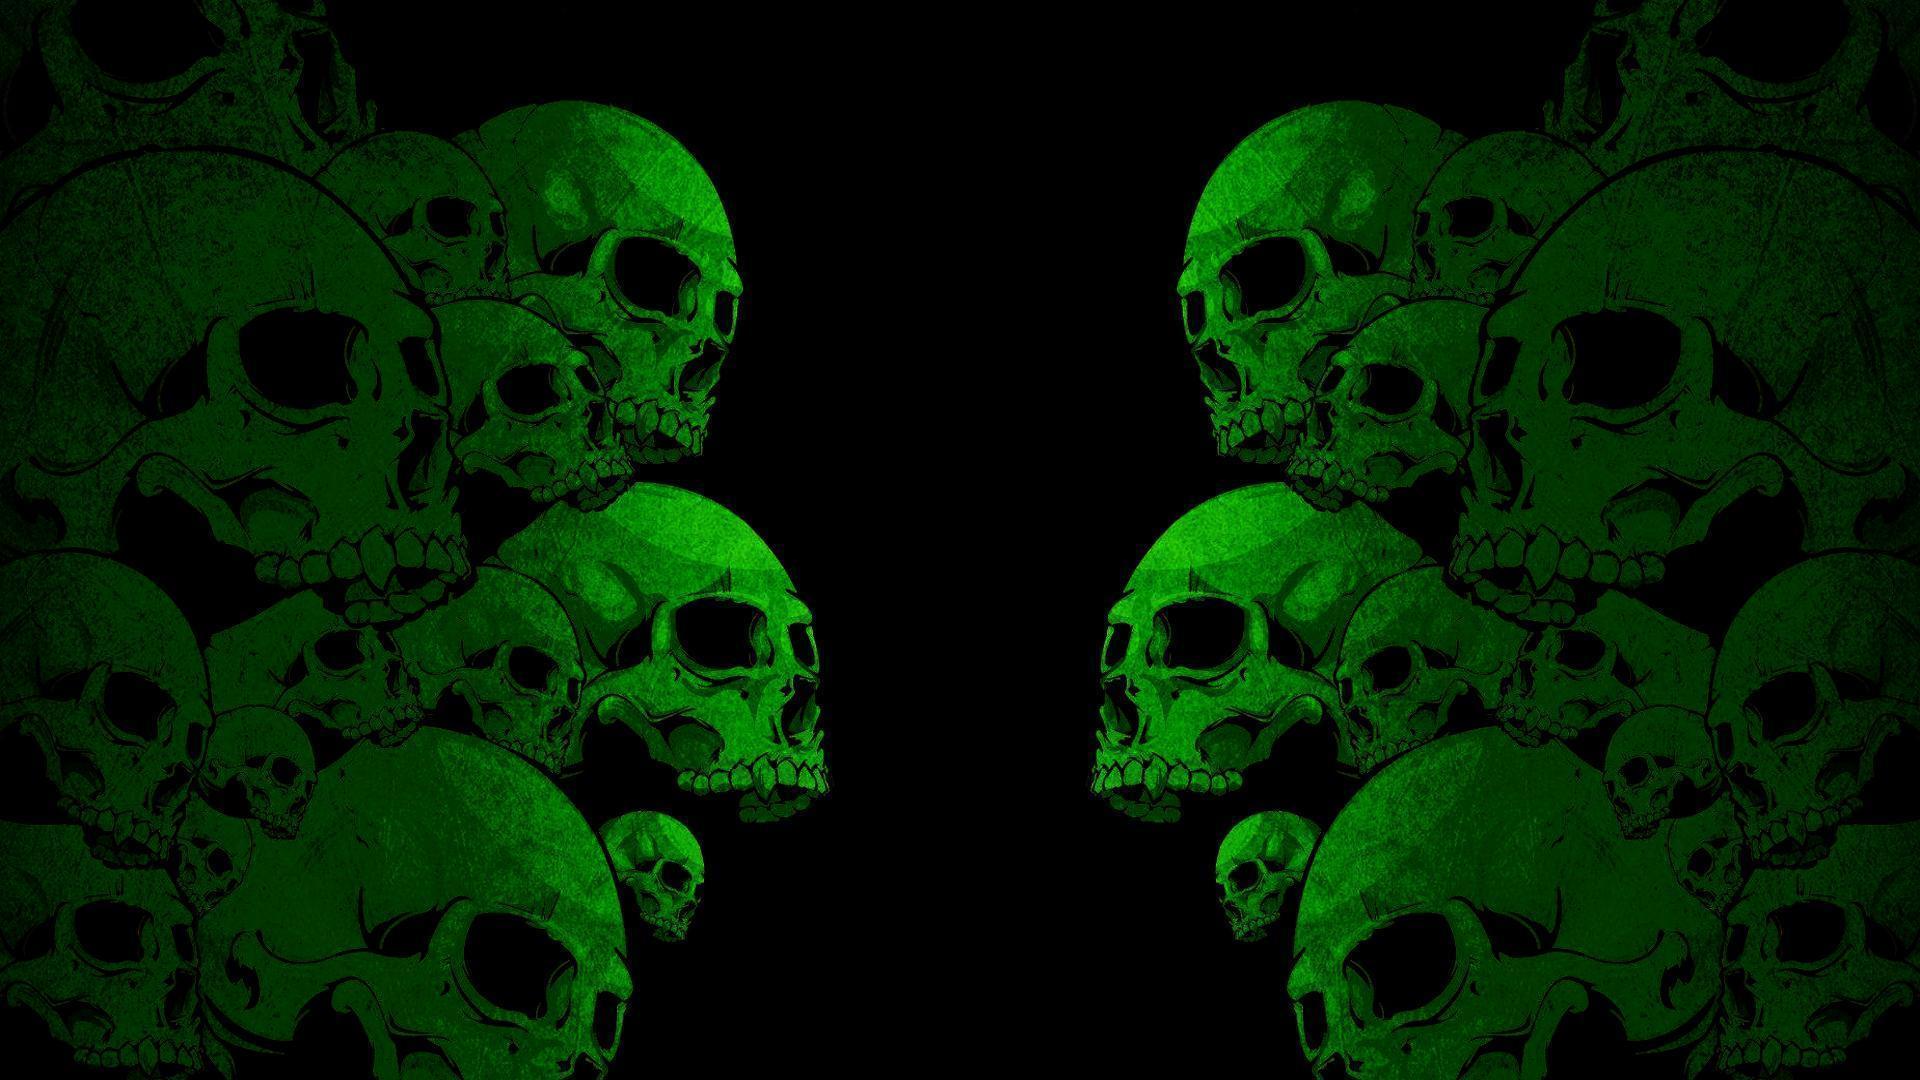 Green Skull Wallpapers 1920x1080